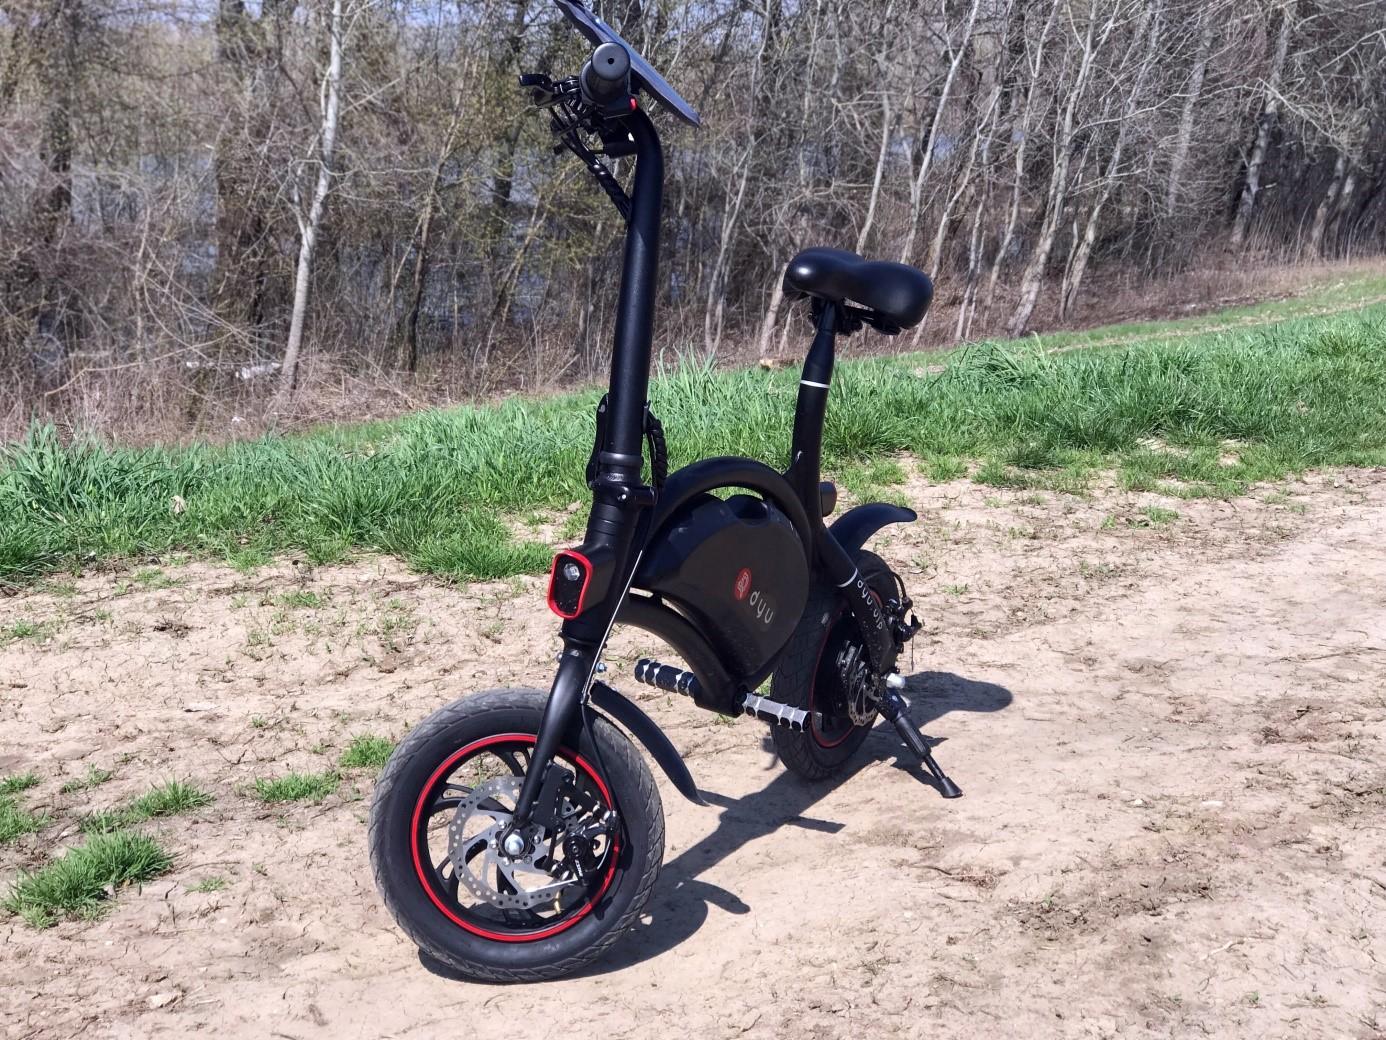 dyu-d1-deluxe-osszecsukhato-elektromos-mini-kerekpar-teszt-bicikli-villanybringa-kismotor-villanymotor-elektromos-motor-f-wheel-minikerekpar-02.jpg